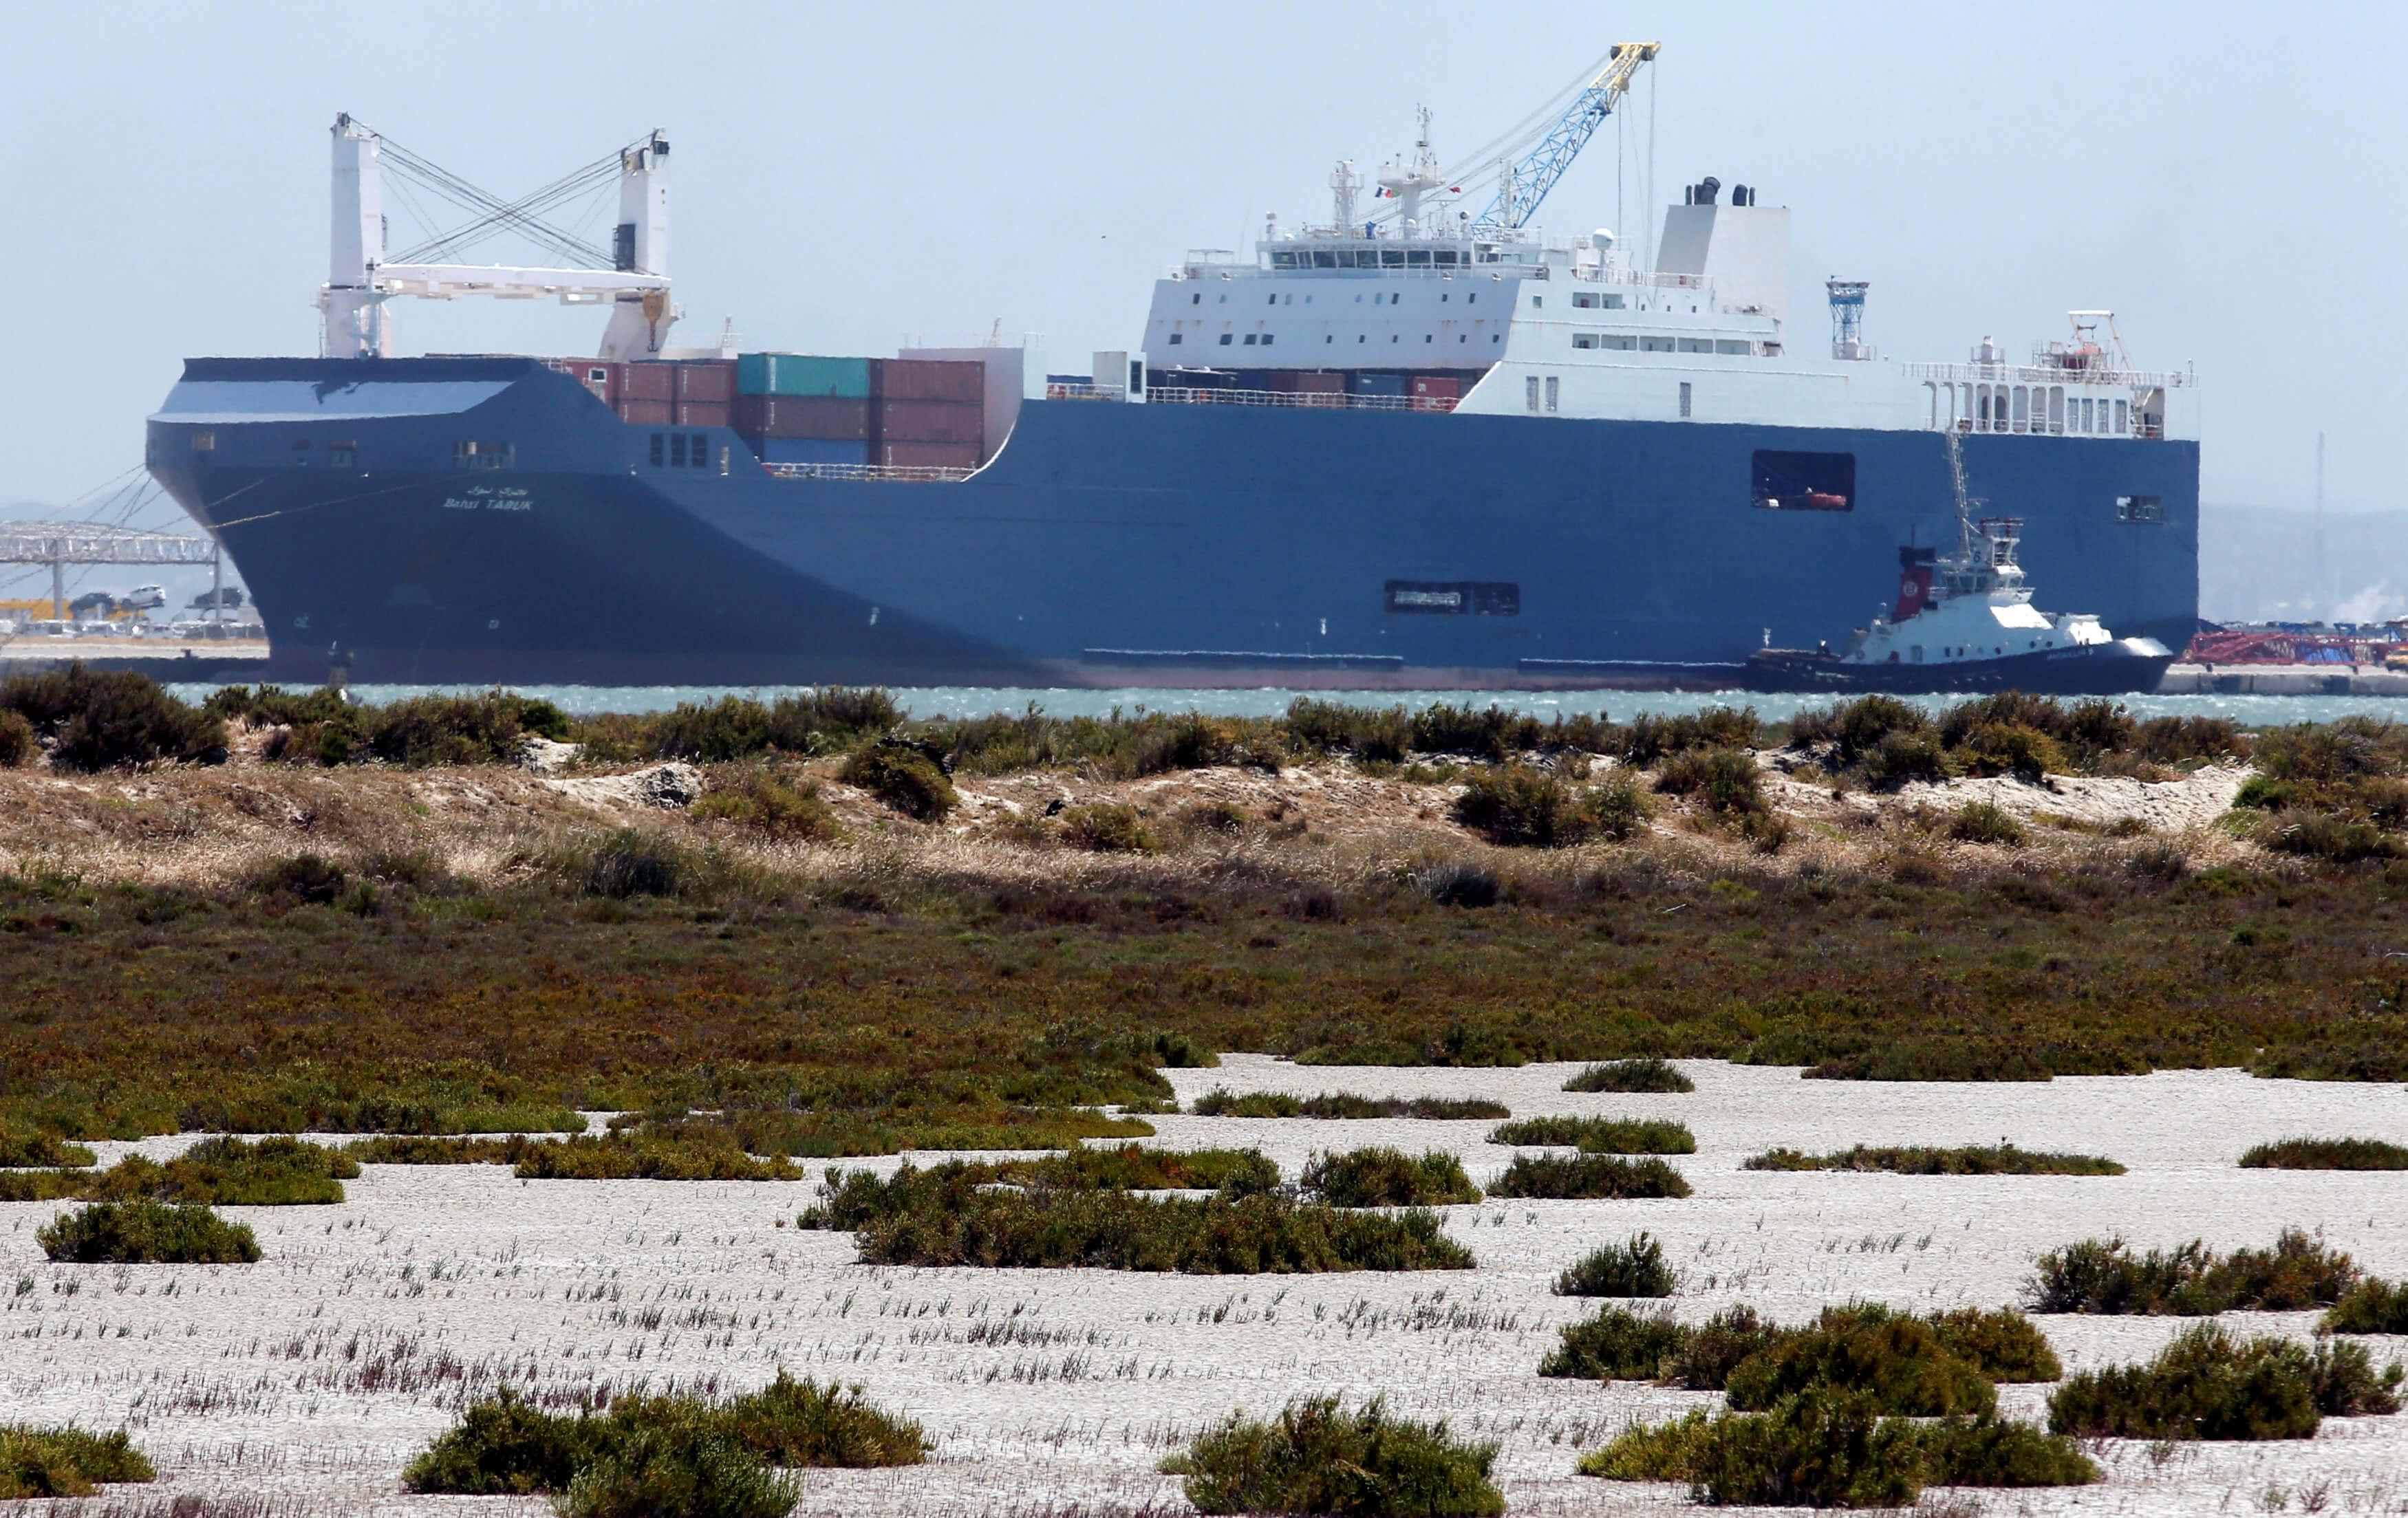 Μασσαλία: Τελικά Σαουδαραβικό πλοίο… φόρτωνε ηλεκτρογεννήτριες και όχι όπλα